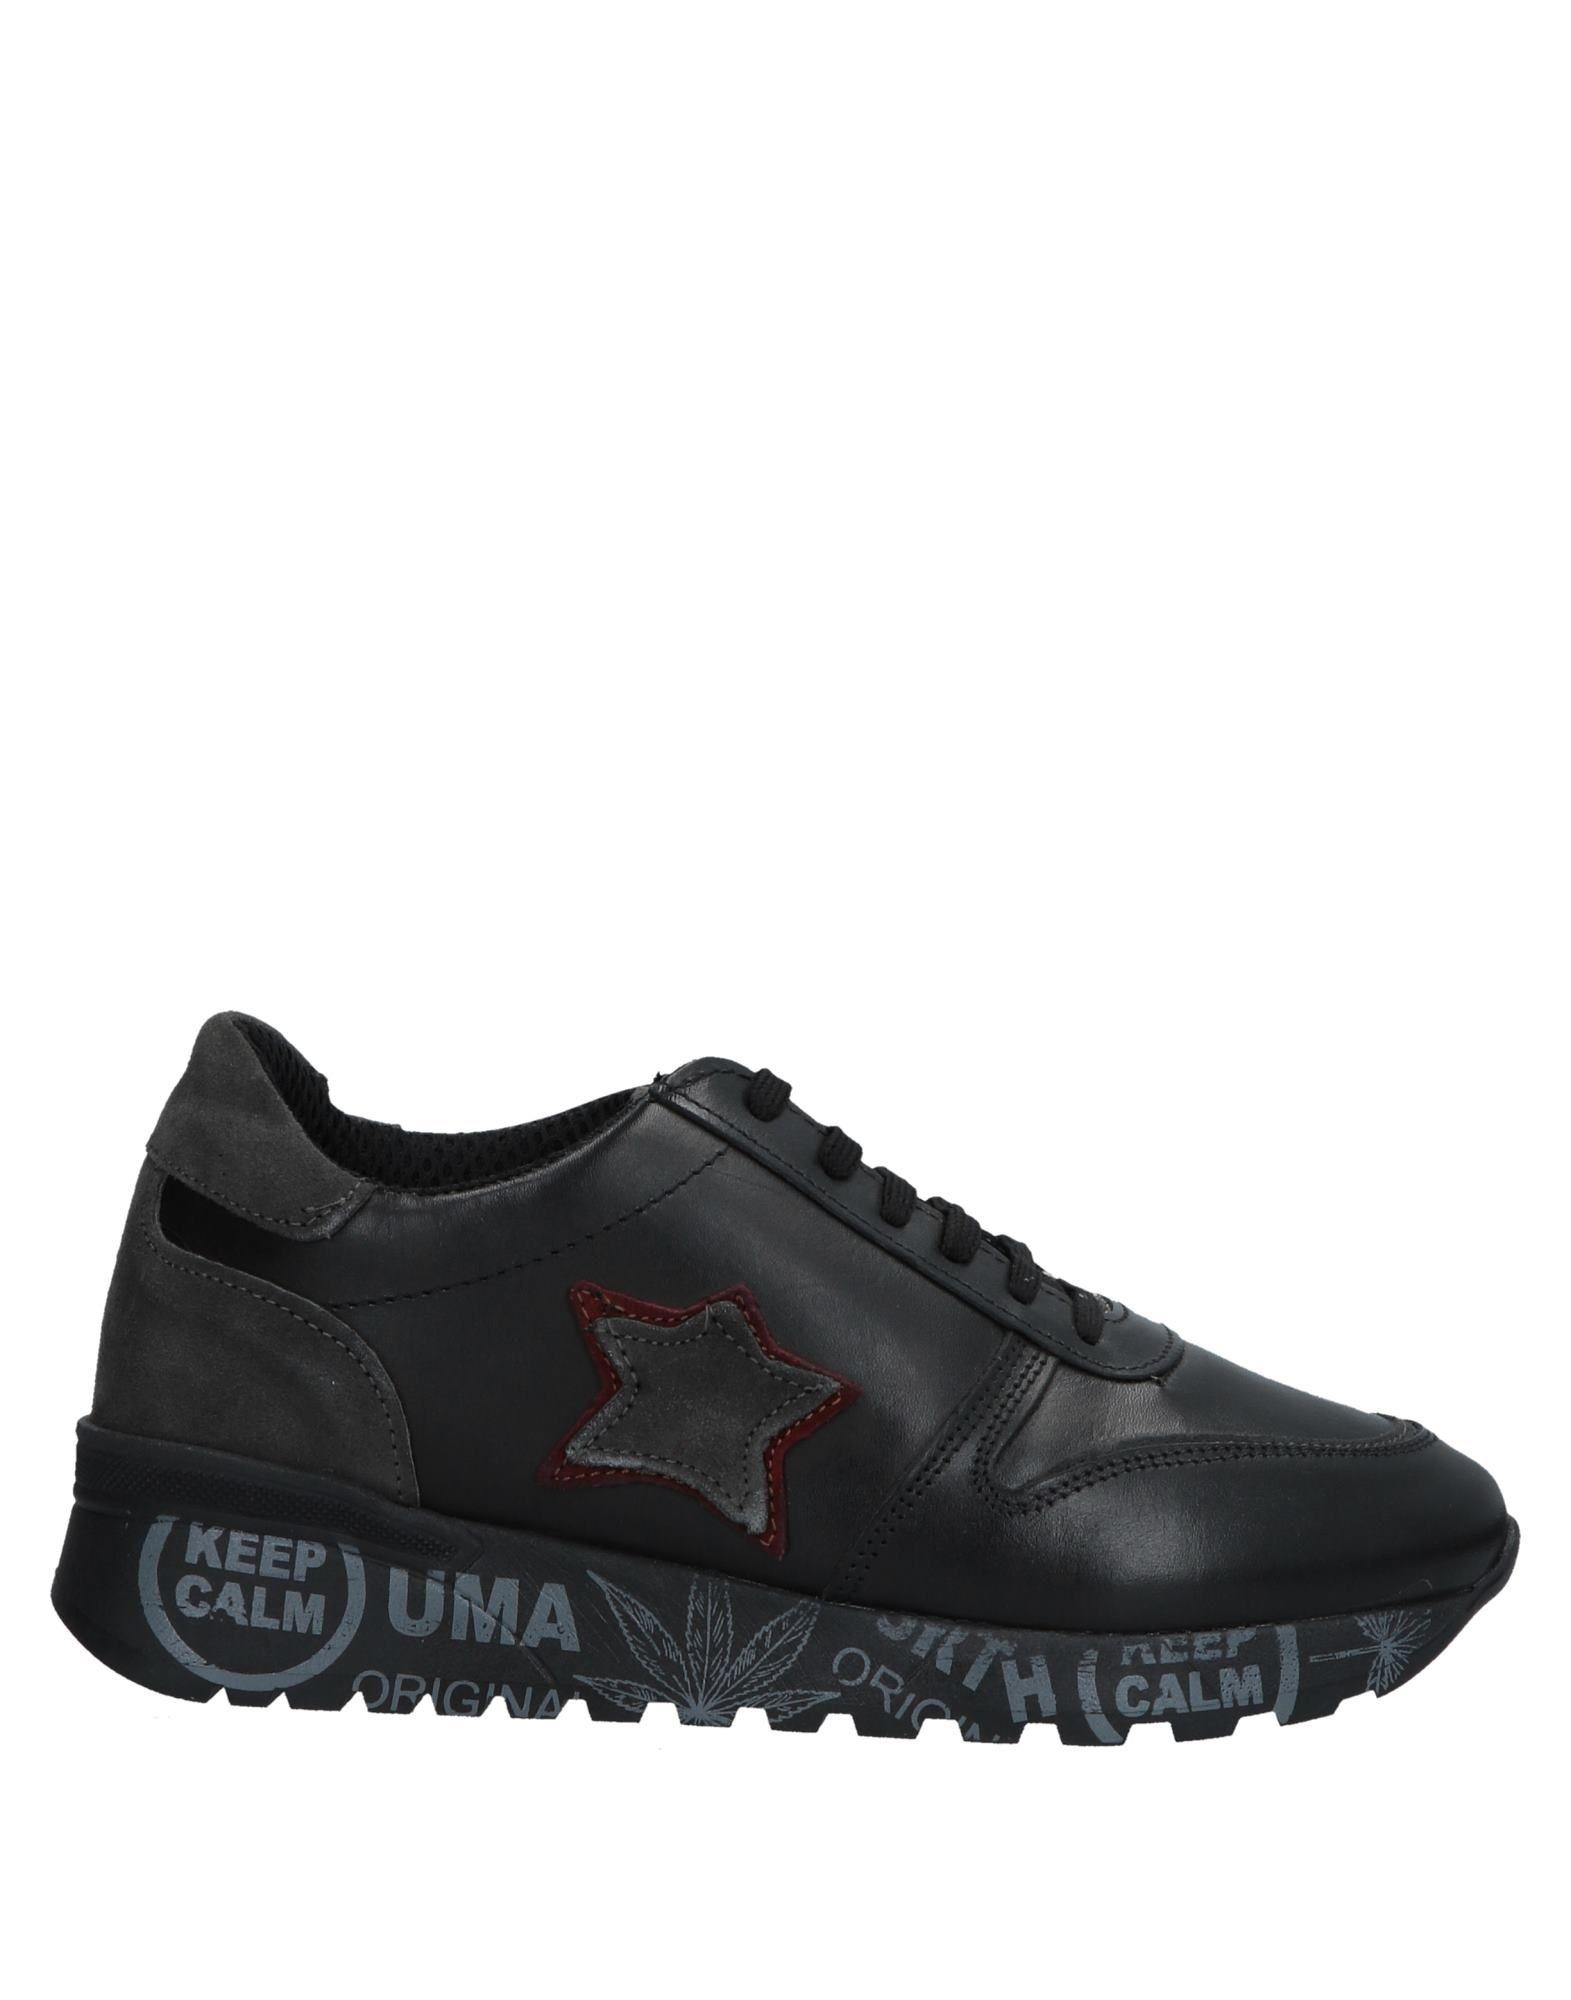 Roberto Della Croce Croce Della Sneakers Damen Gutes Preis-Leistungs-Verhältnis, es lohnt sich bcd486